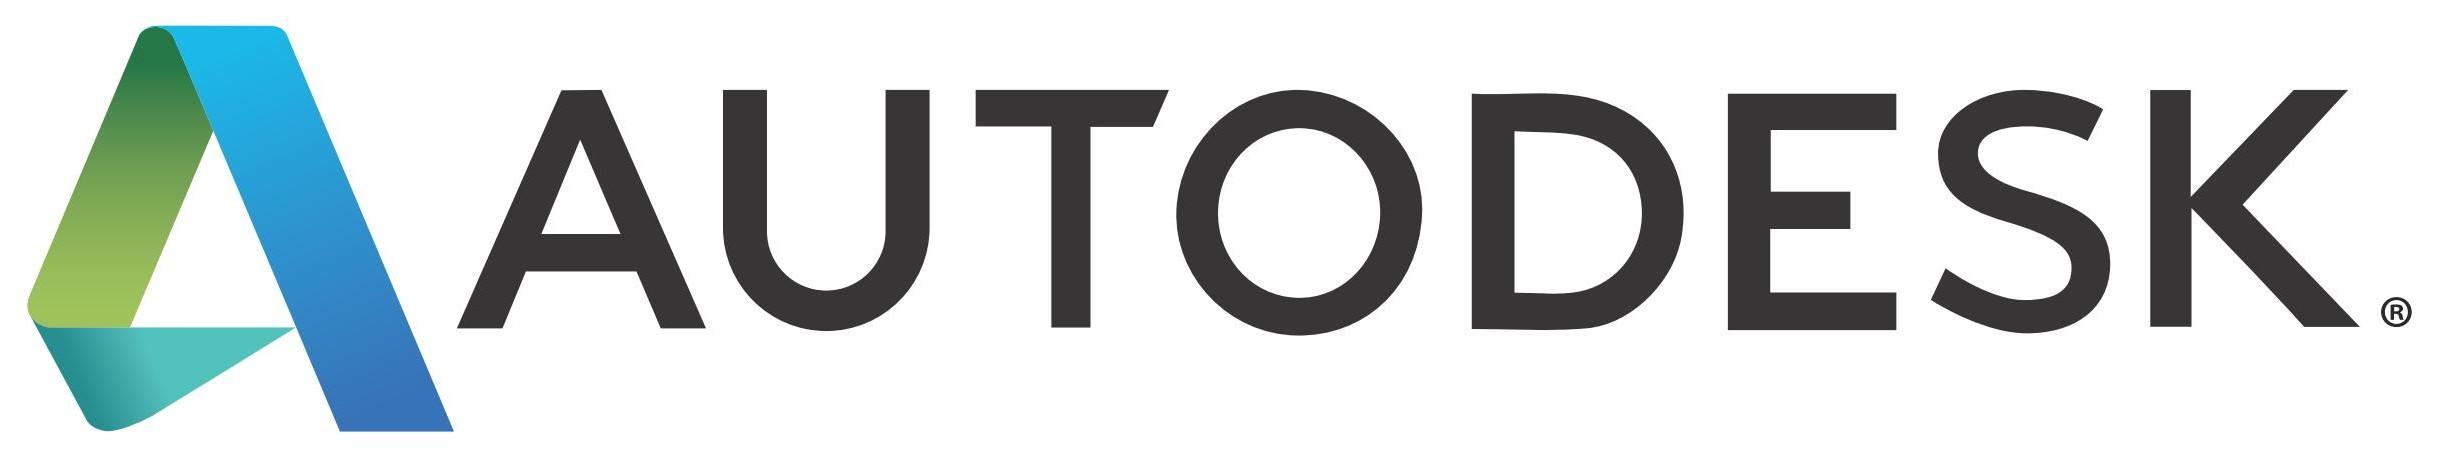 Autodesk Logo Vector PNG - 112014